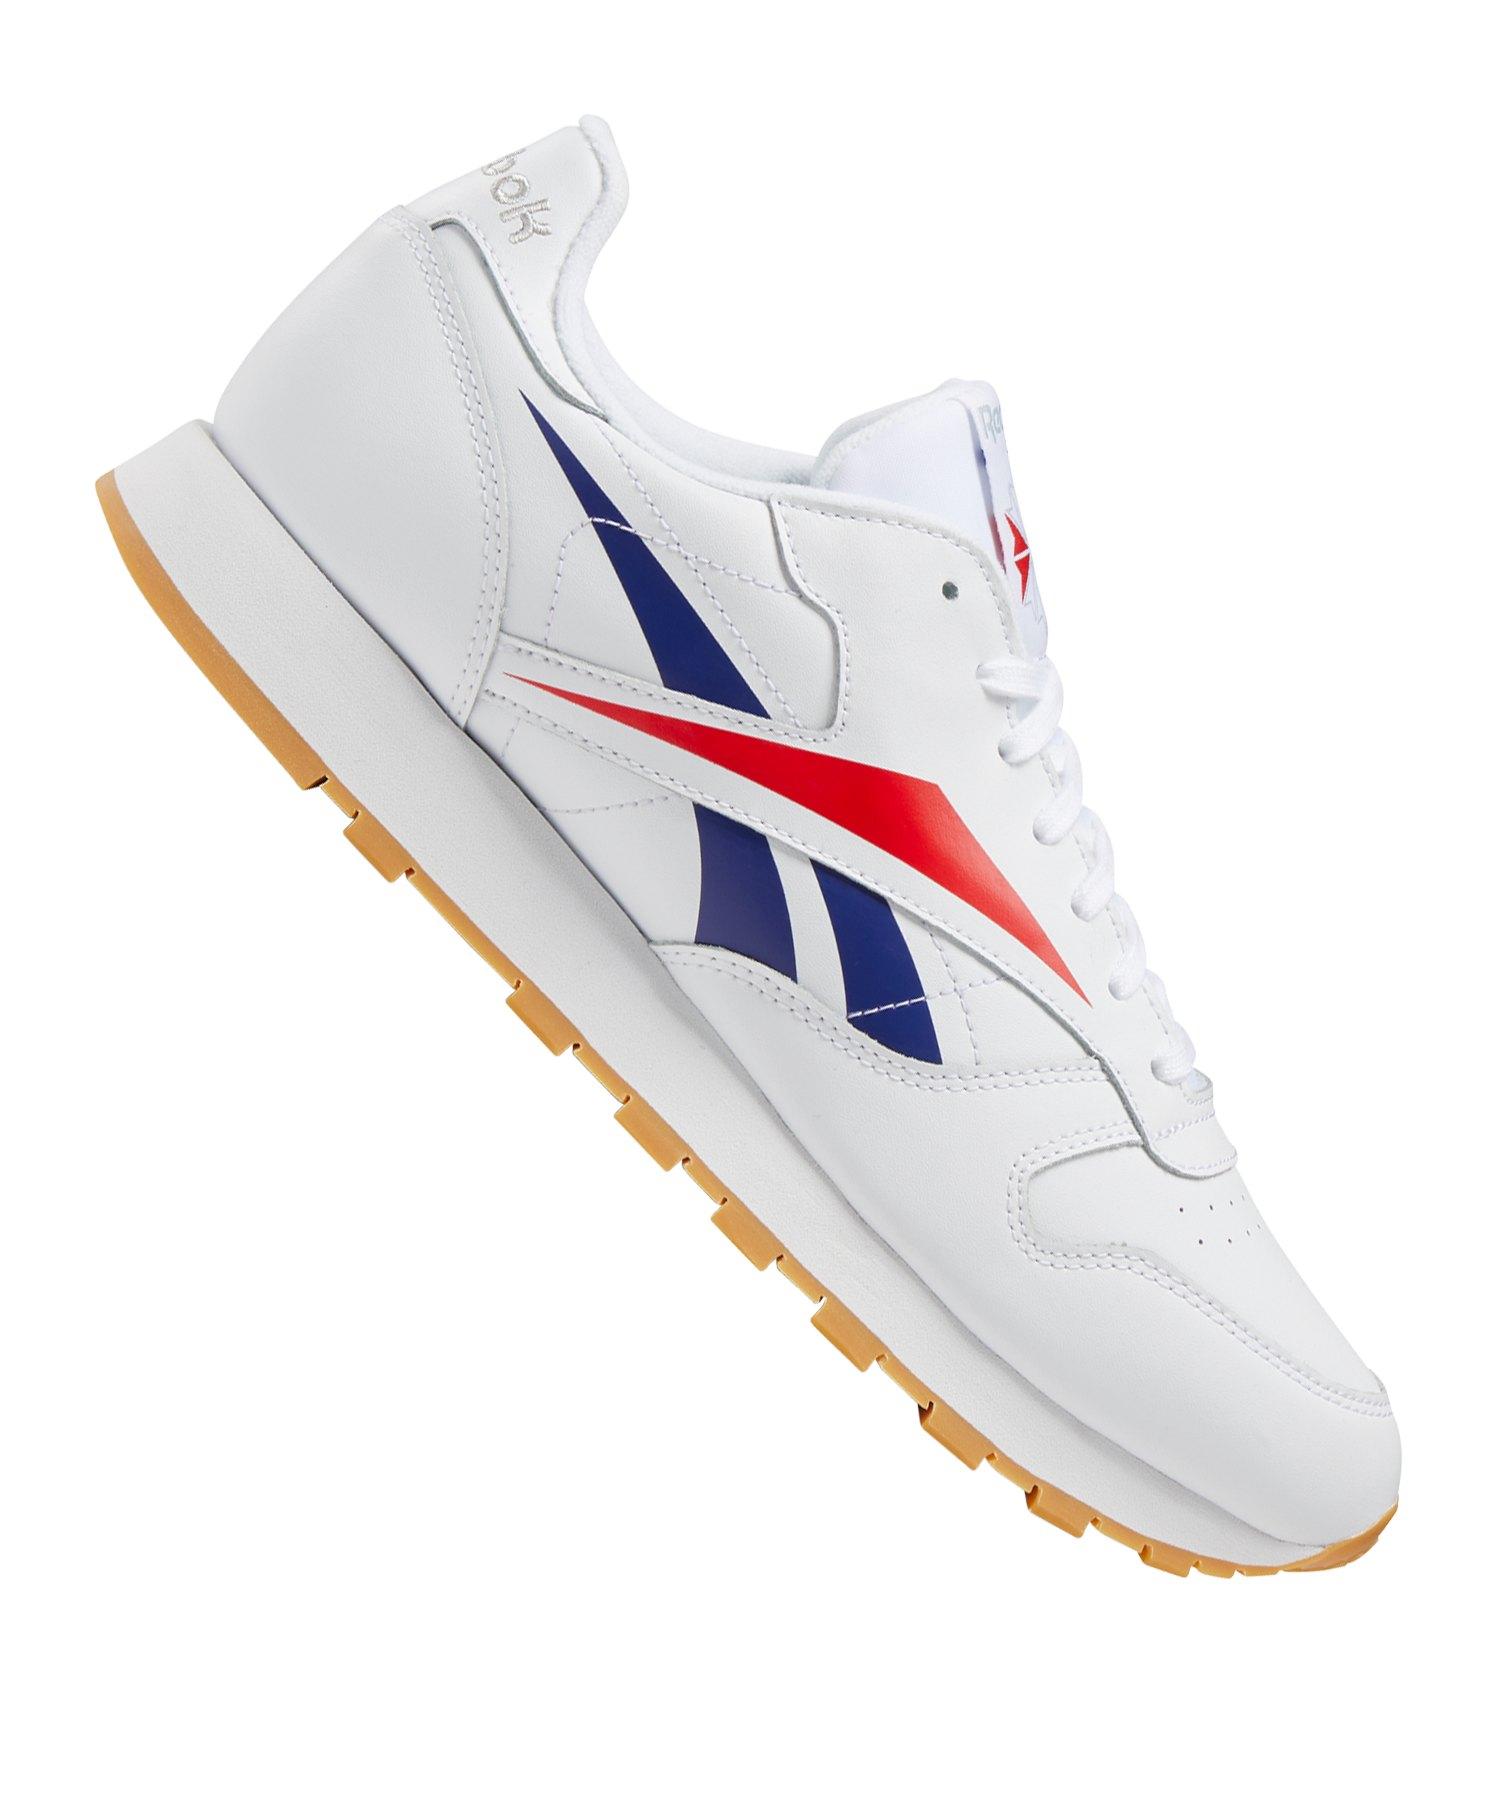 on sale 2cb27 1f095 Reebok Classic Leather MU Sneaker Weiss